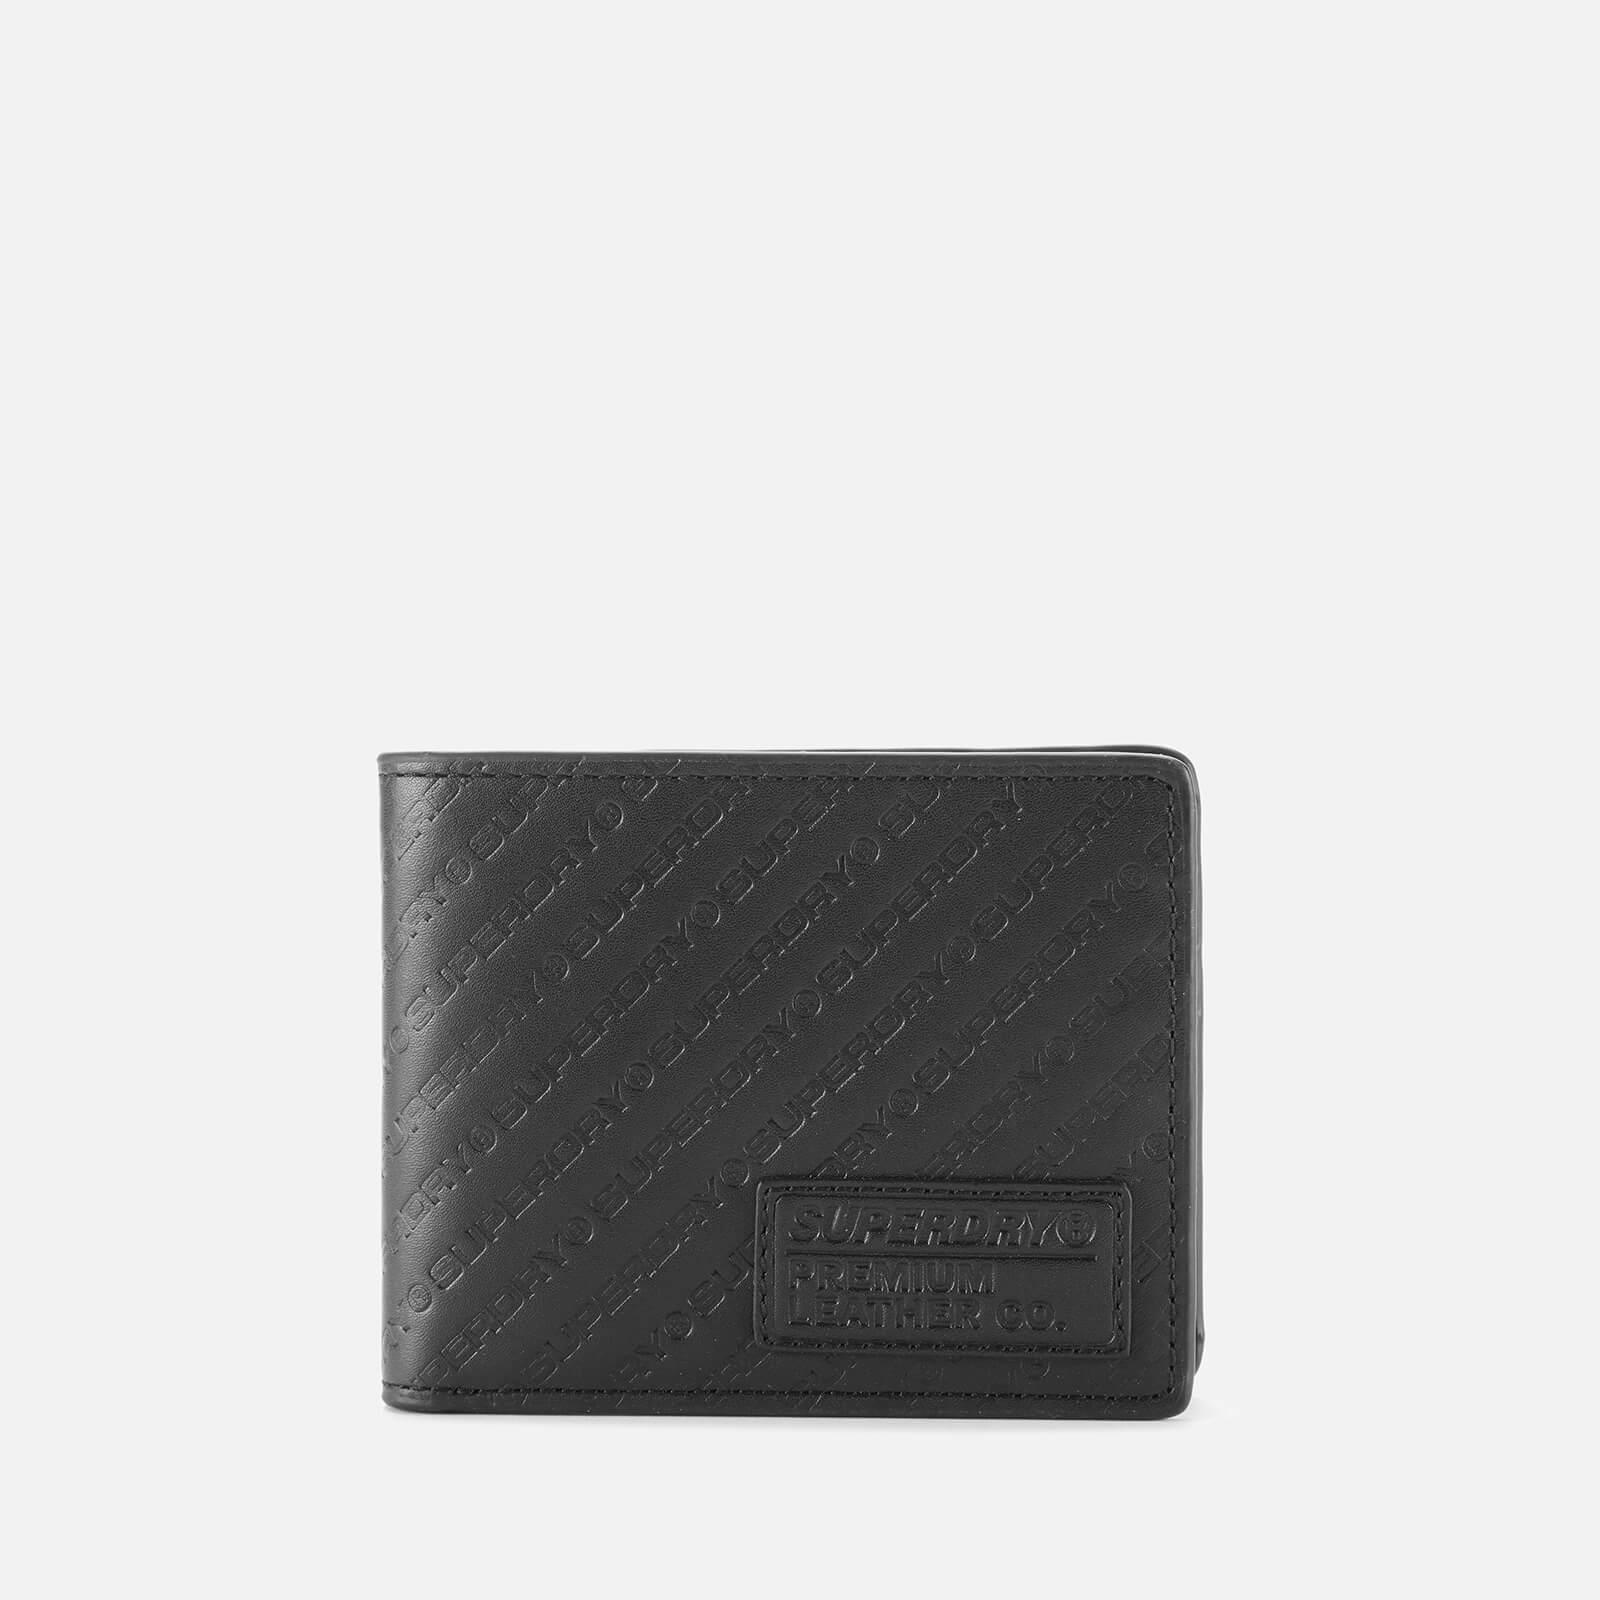 Superdry Men's All Over Print Badge Lineman Wallet - Black